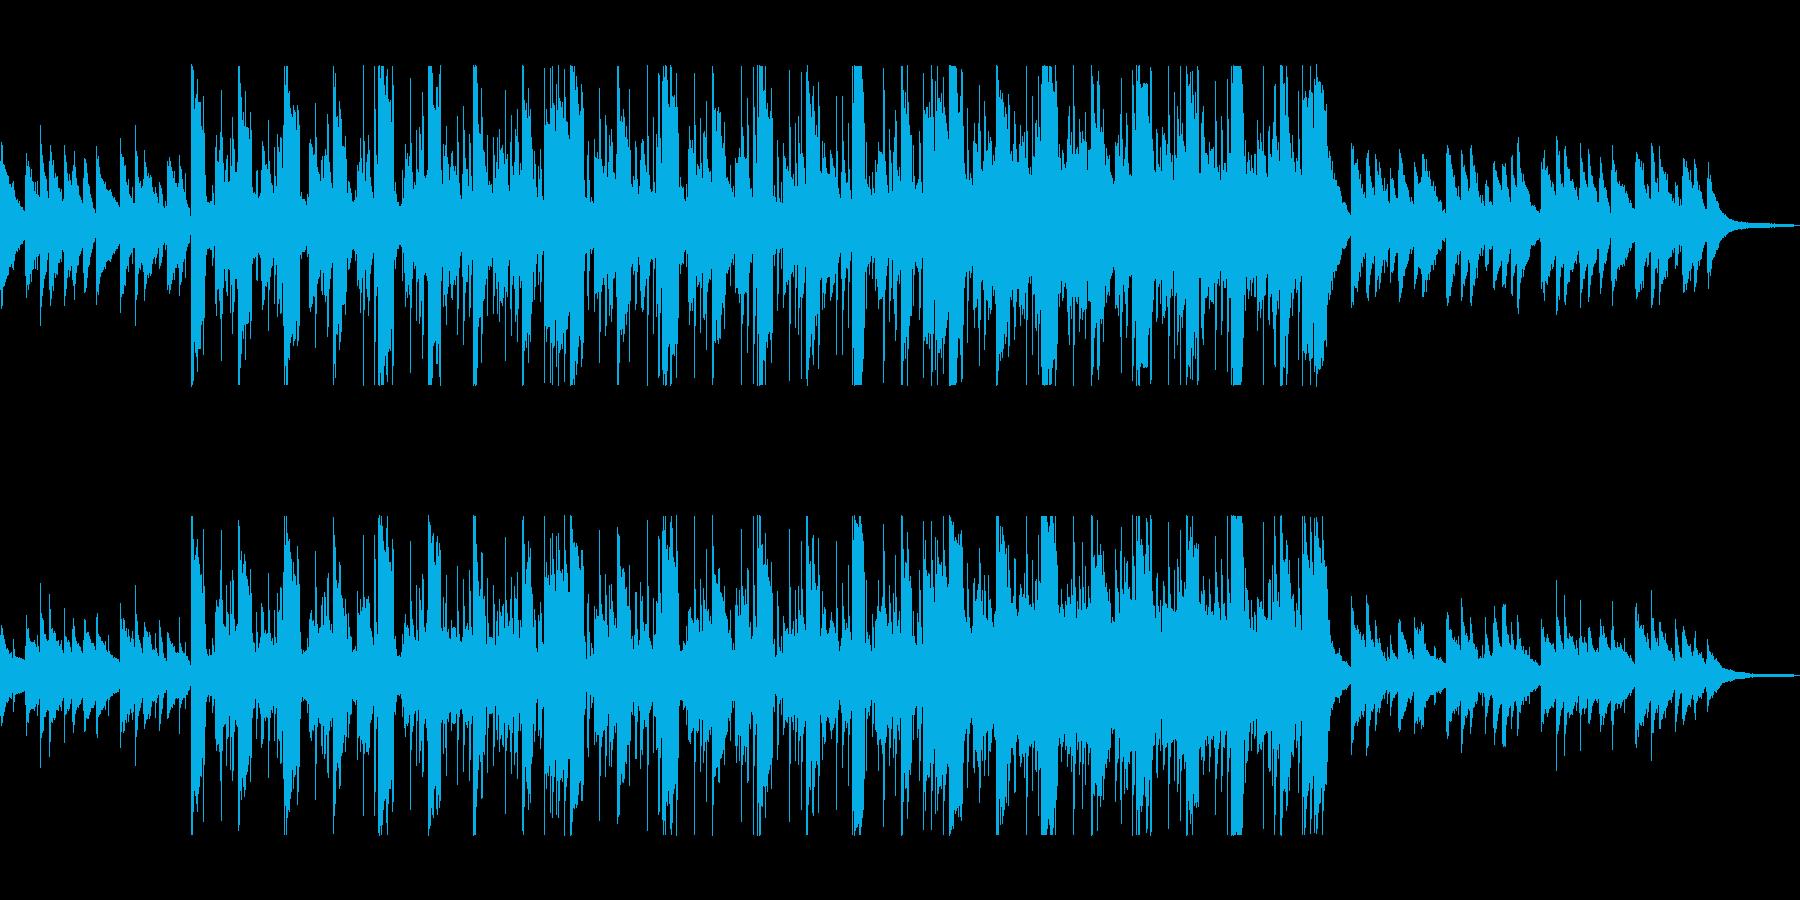 ムーディでメロディアスなピアノサウンドの再生済みの波形